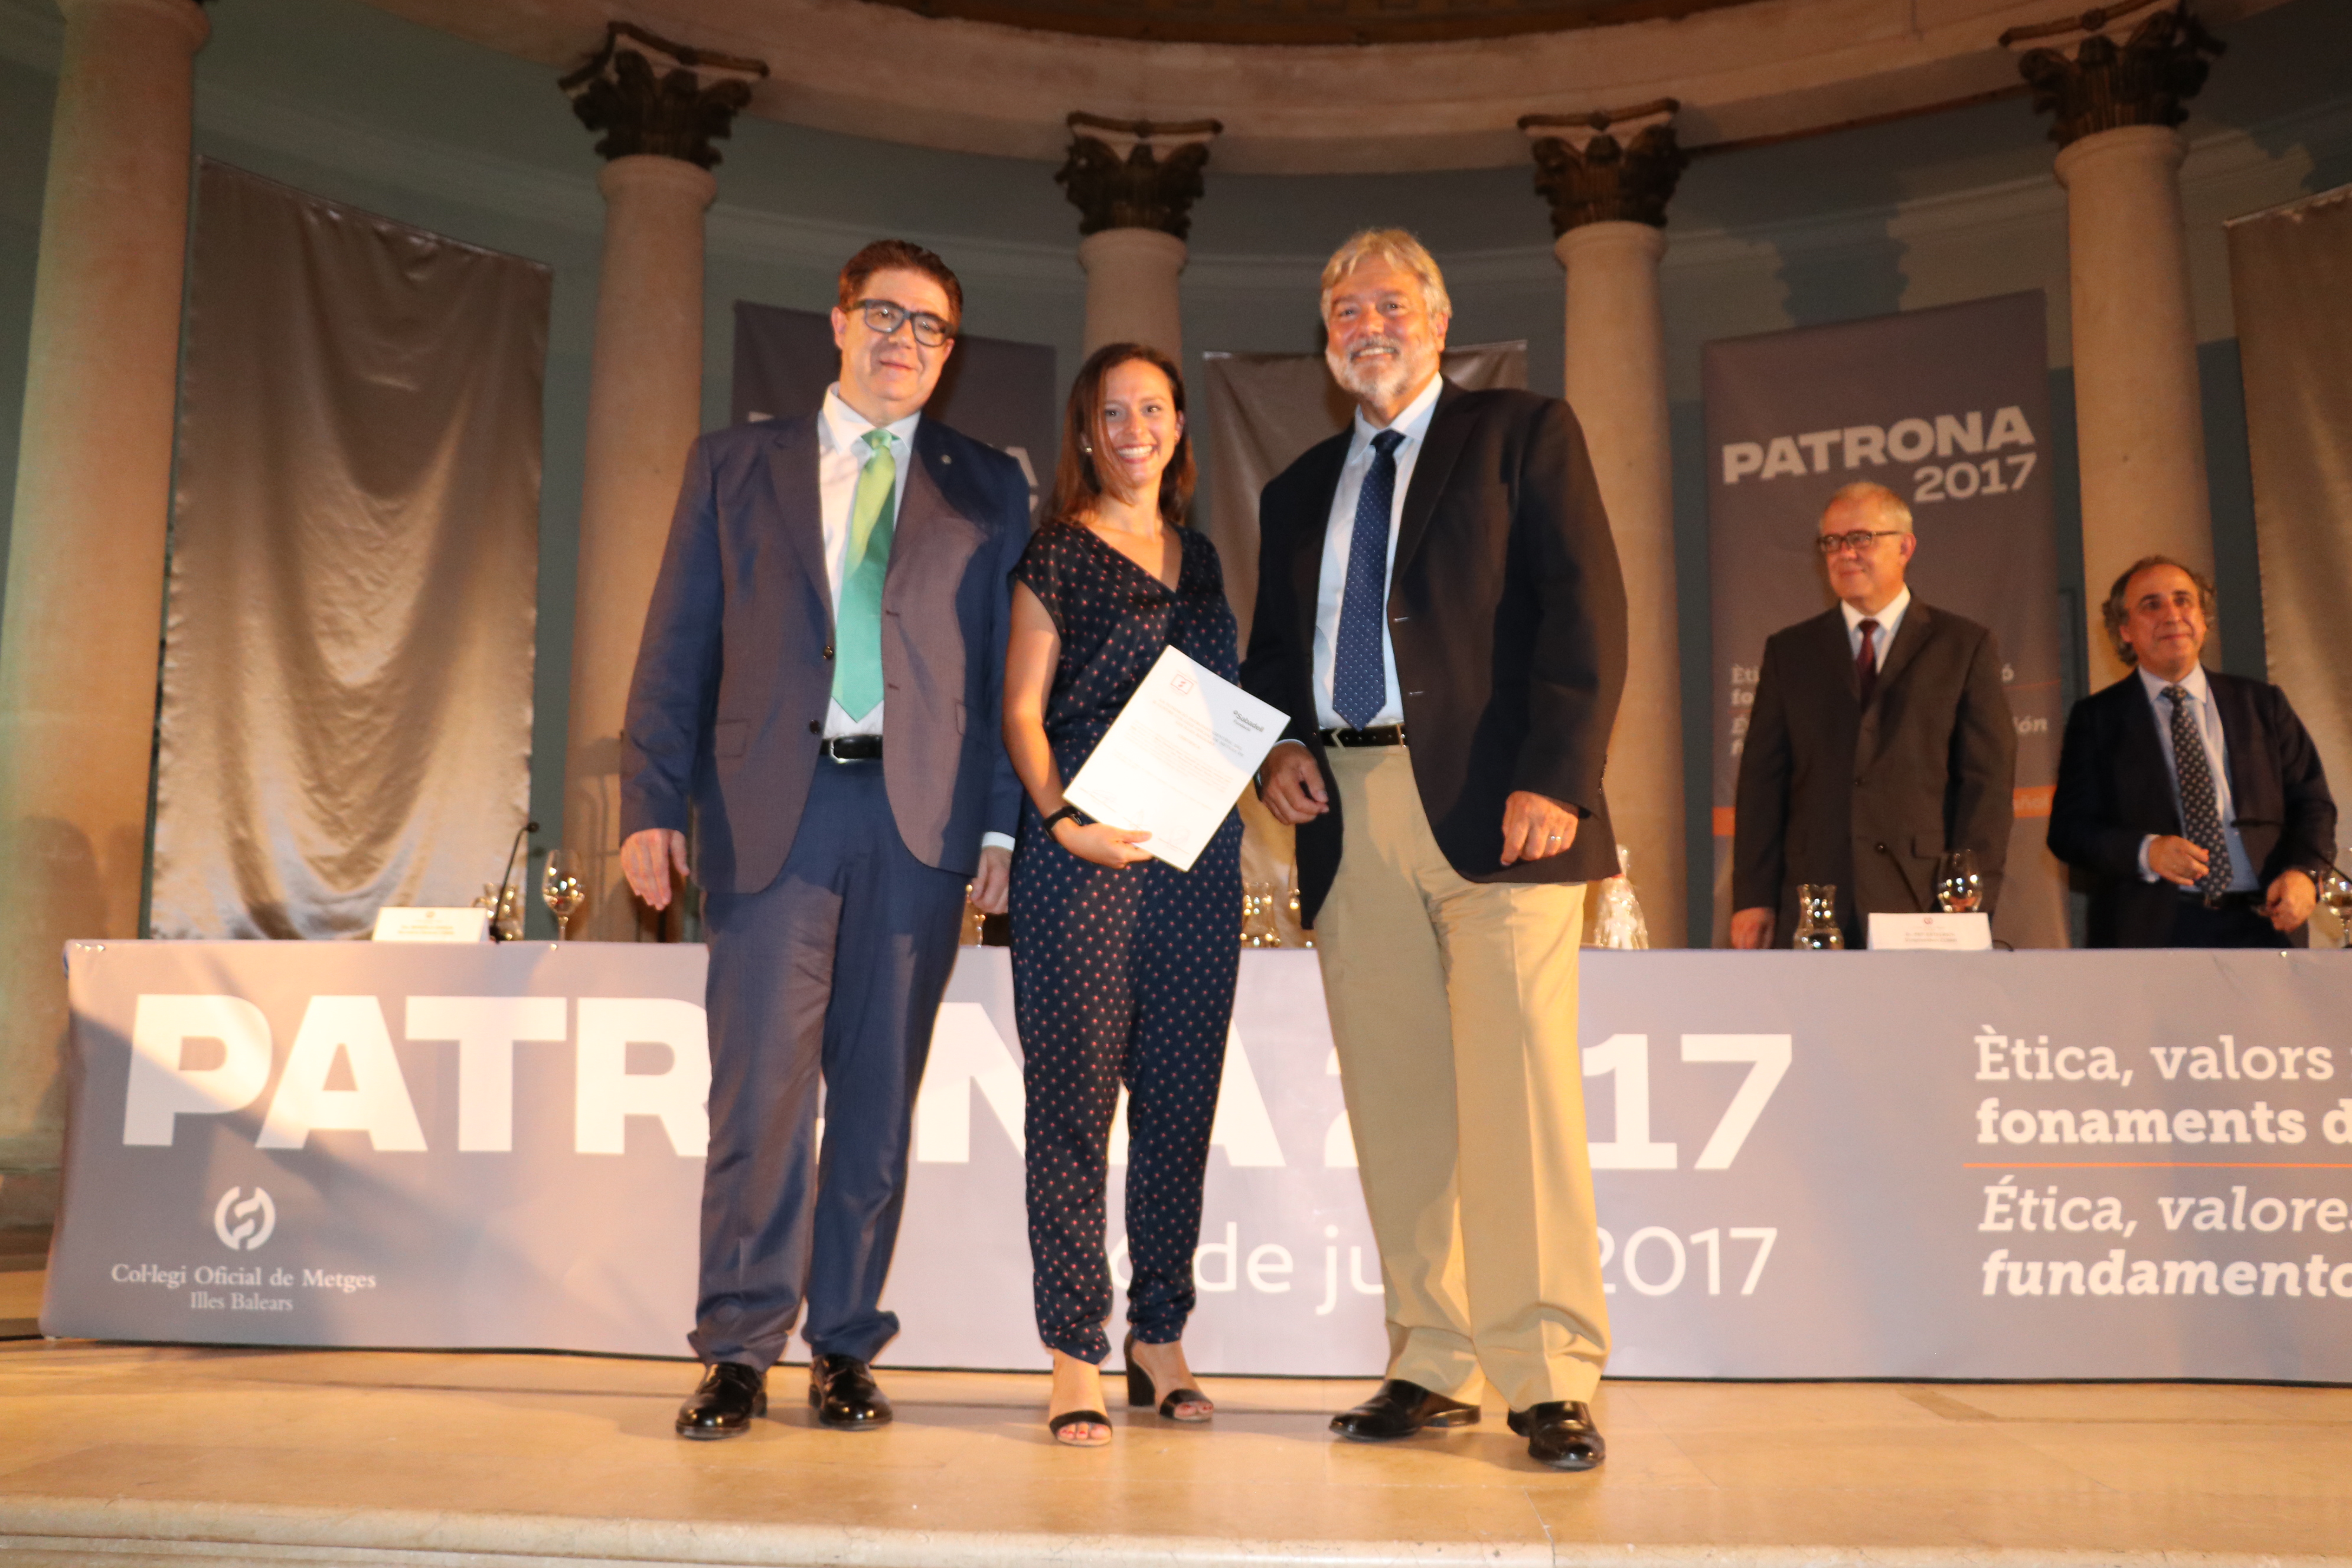 BS 1 La Dra. Marta Mariscal recogio la beca de la Dra. Montserrat Massot Rubio